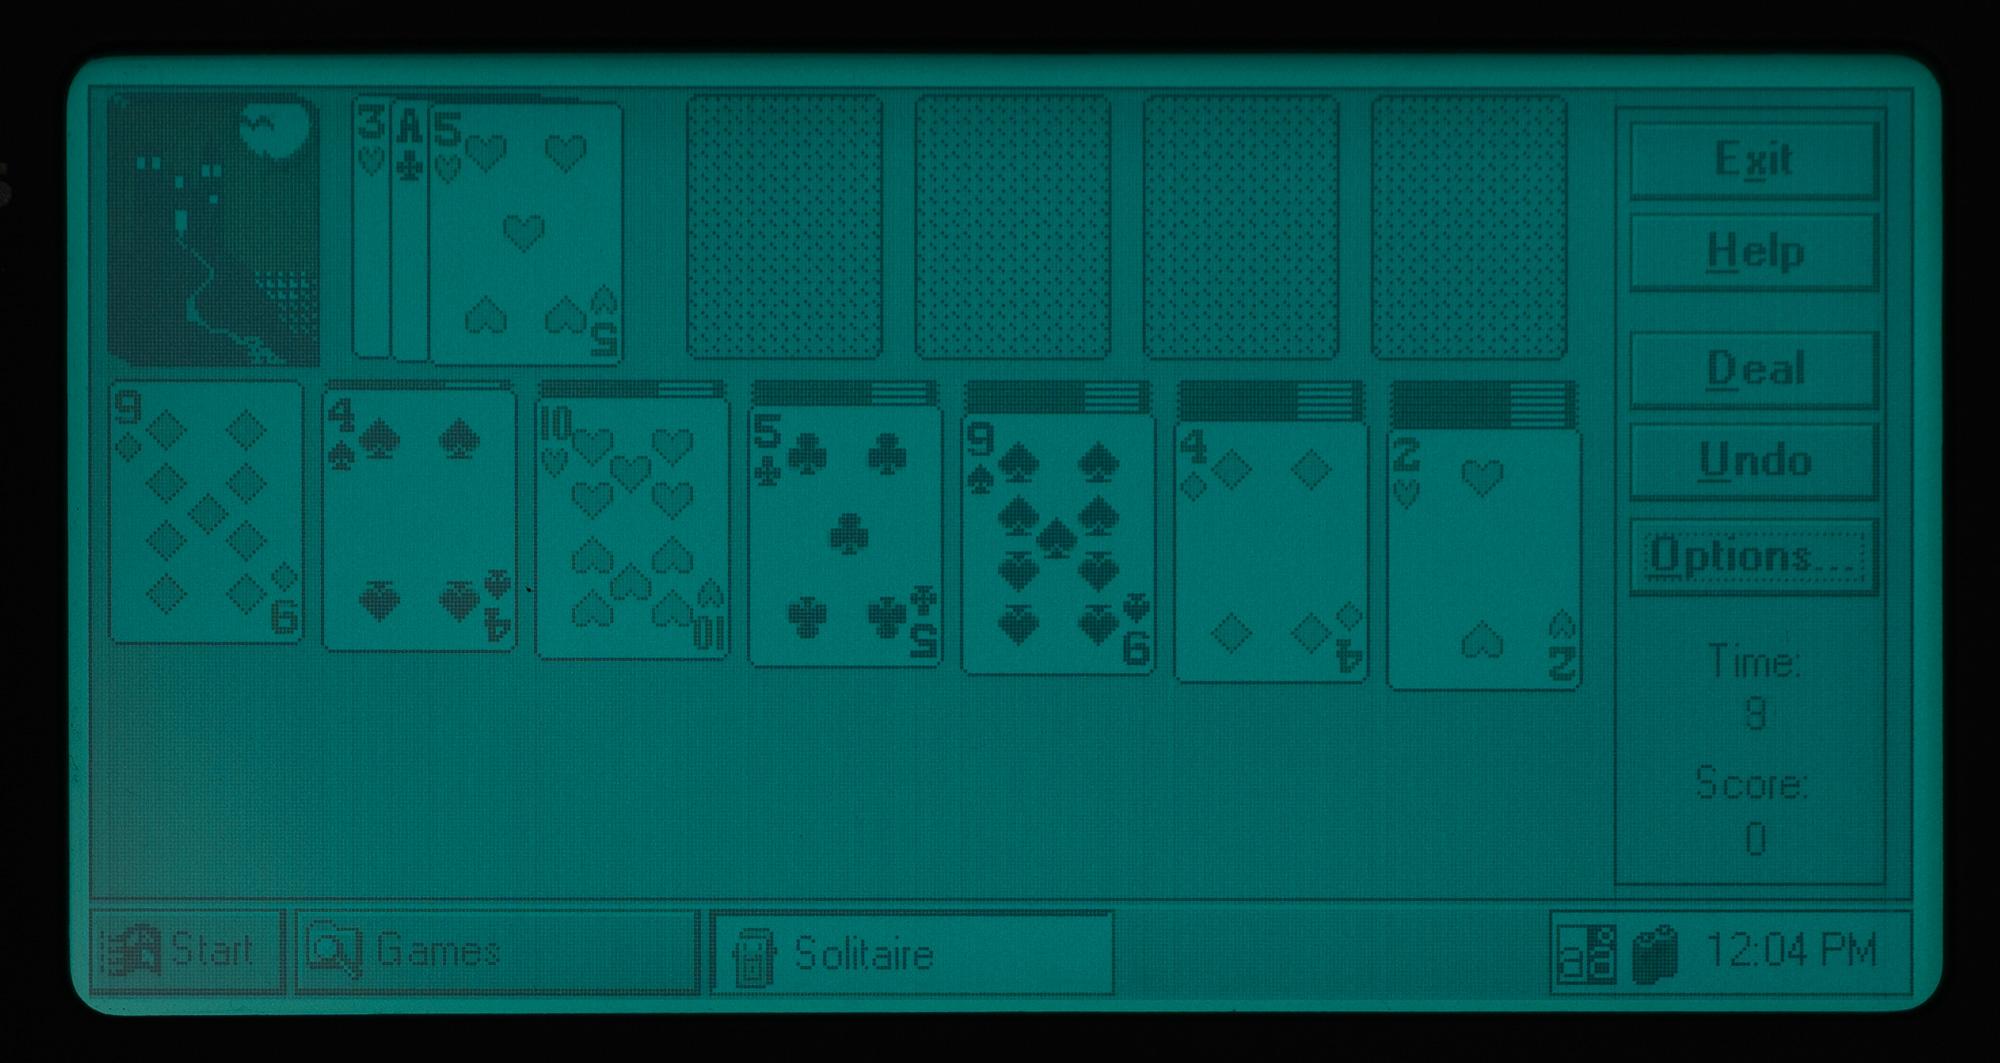 3et5d3z3zcl-wl32xqqd6j2upm4.jpeg